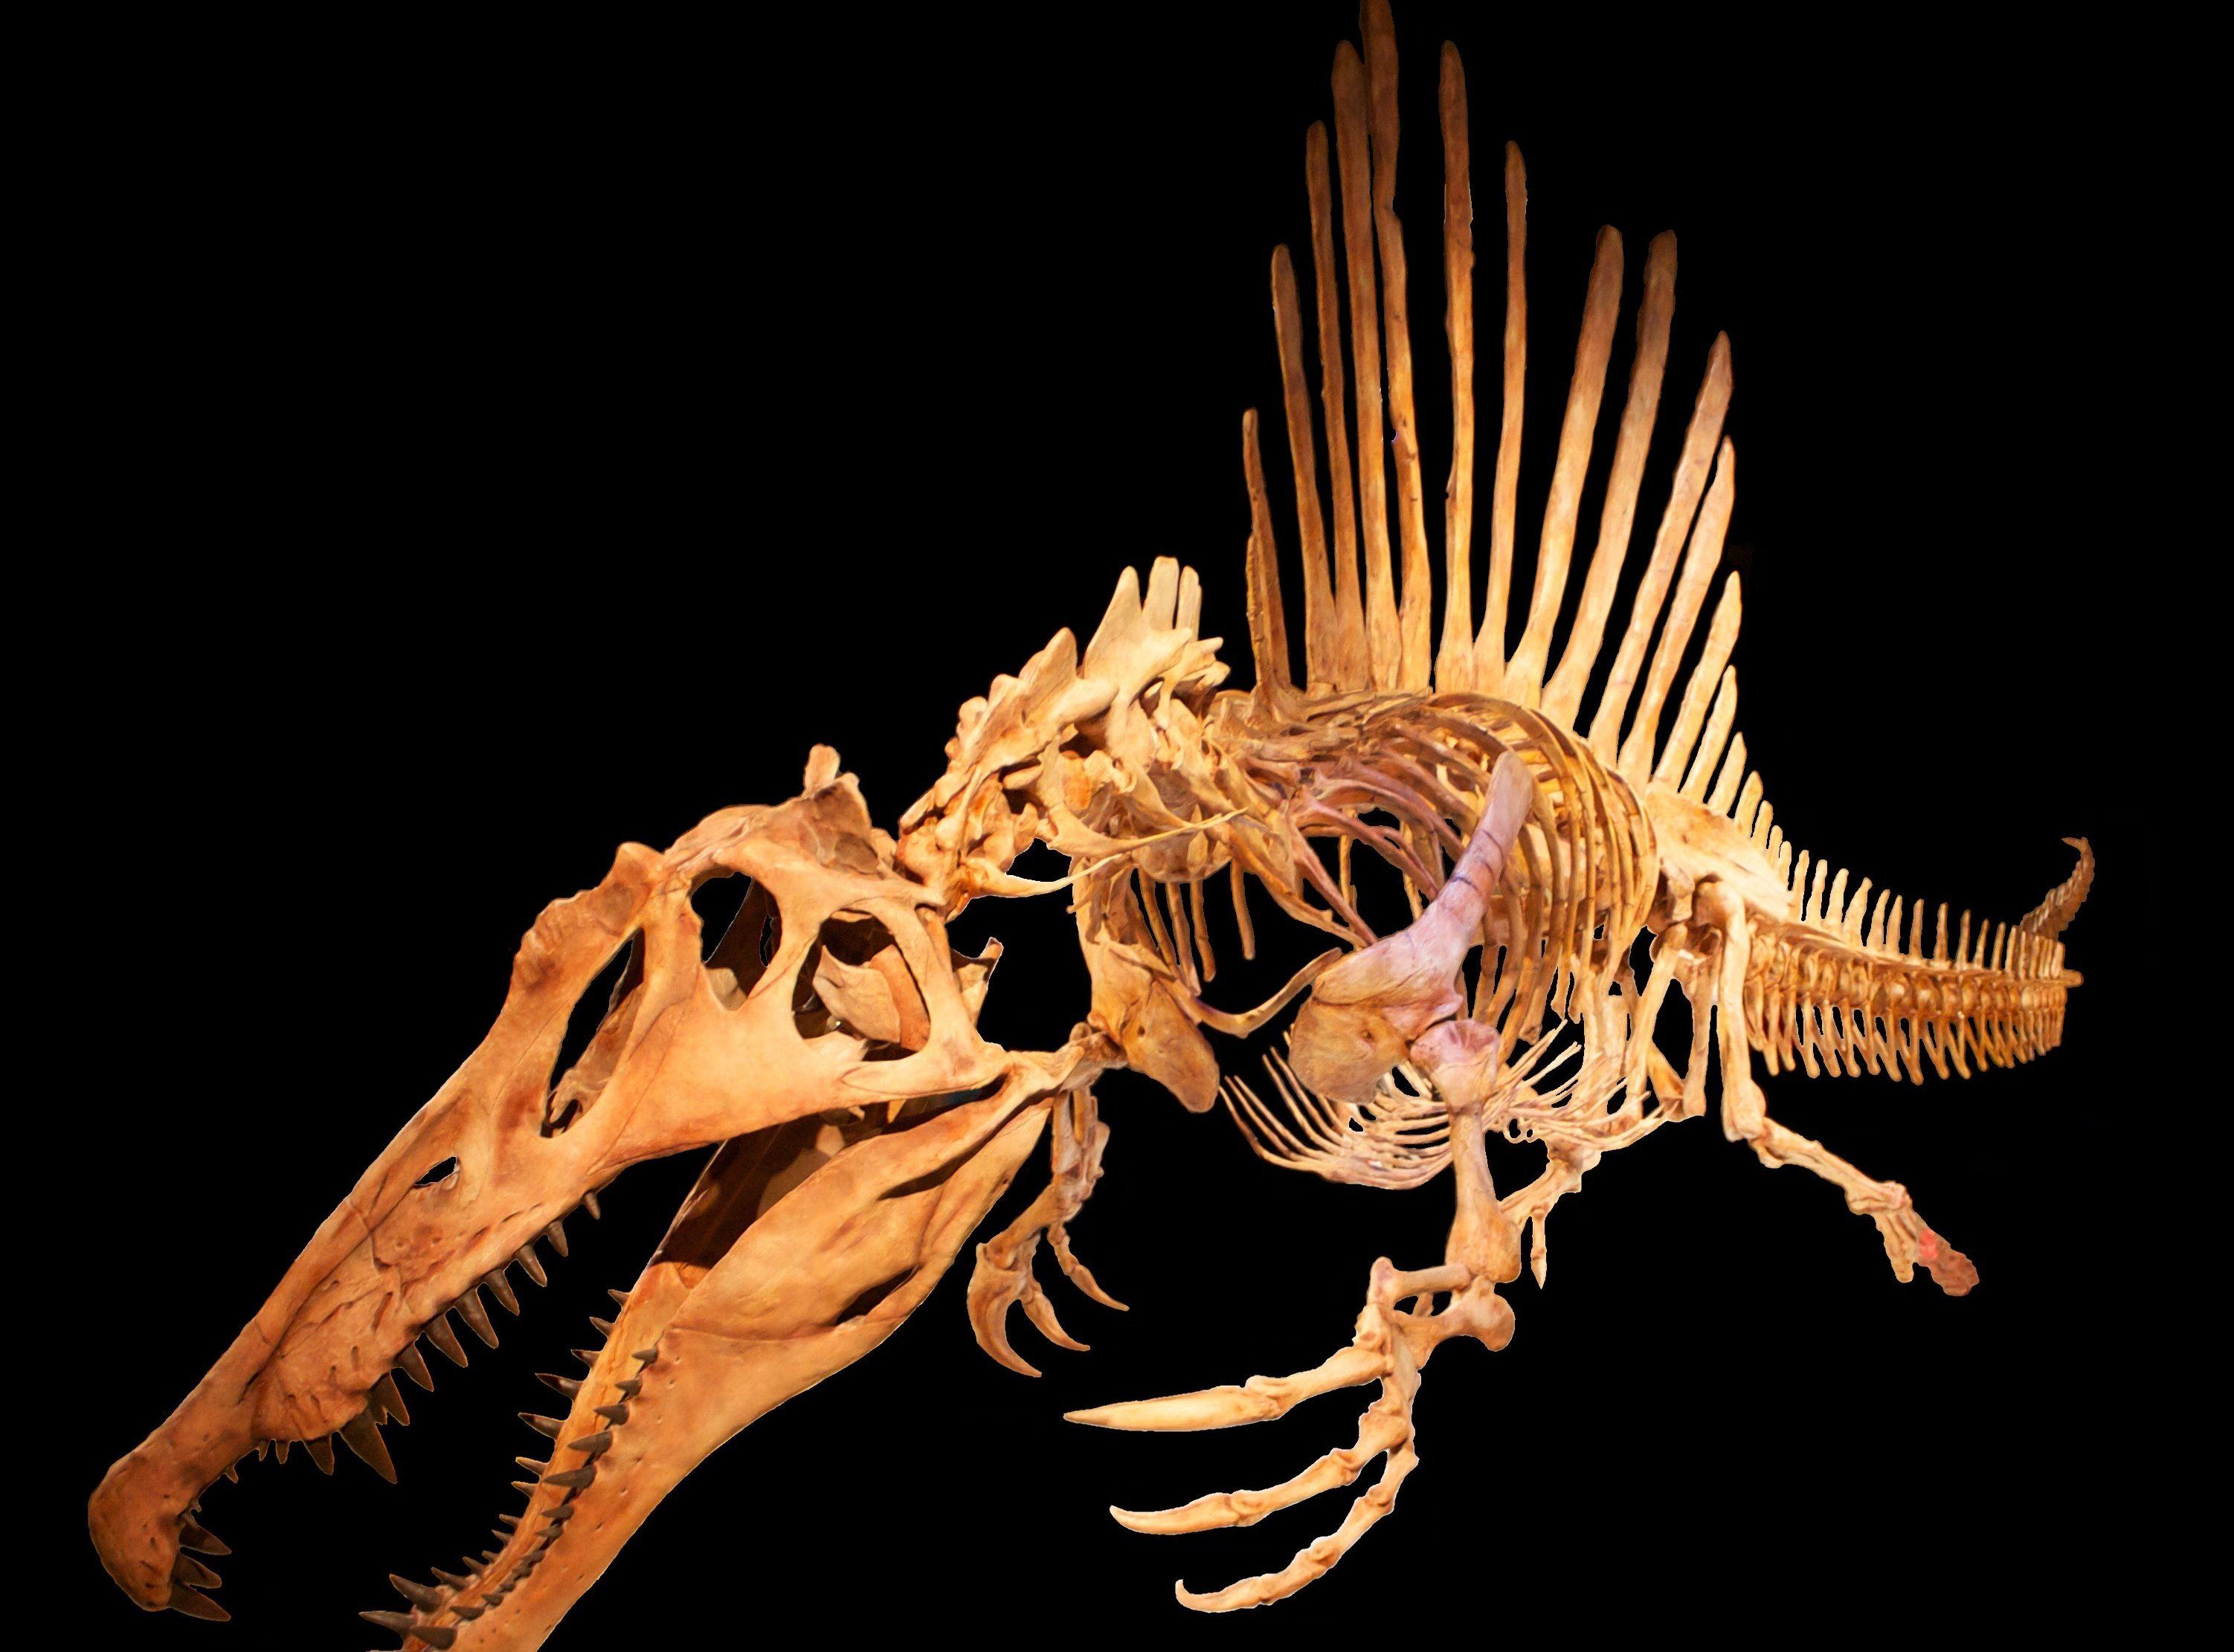 Spinosaurus_swimming_black_background